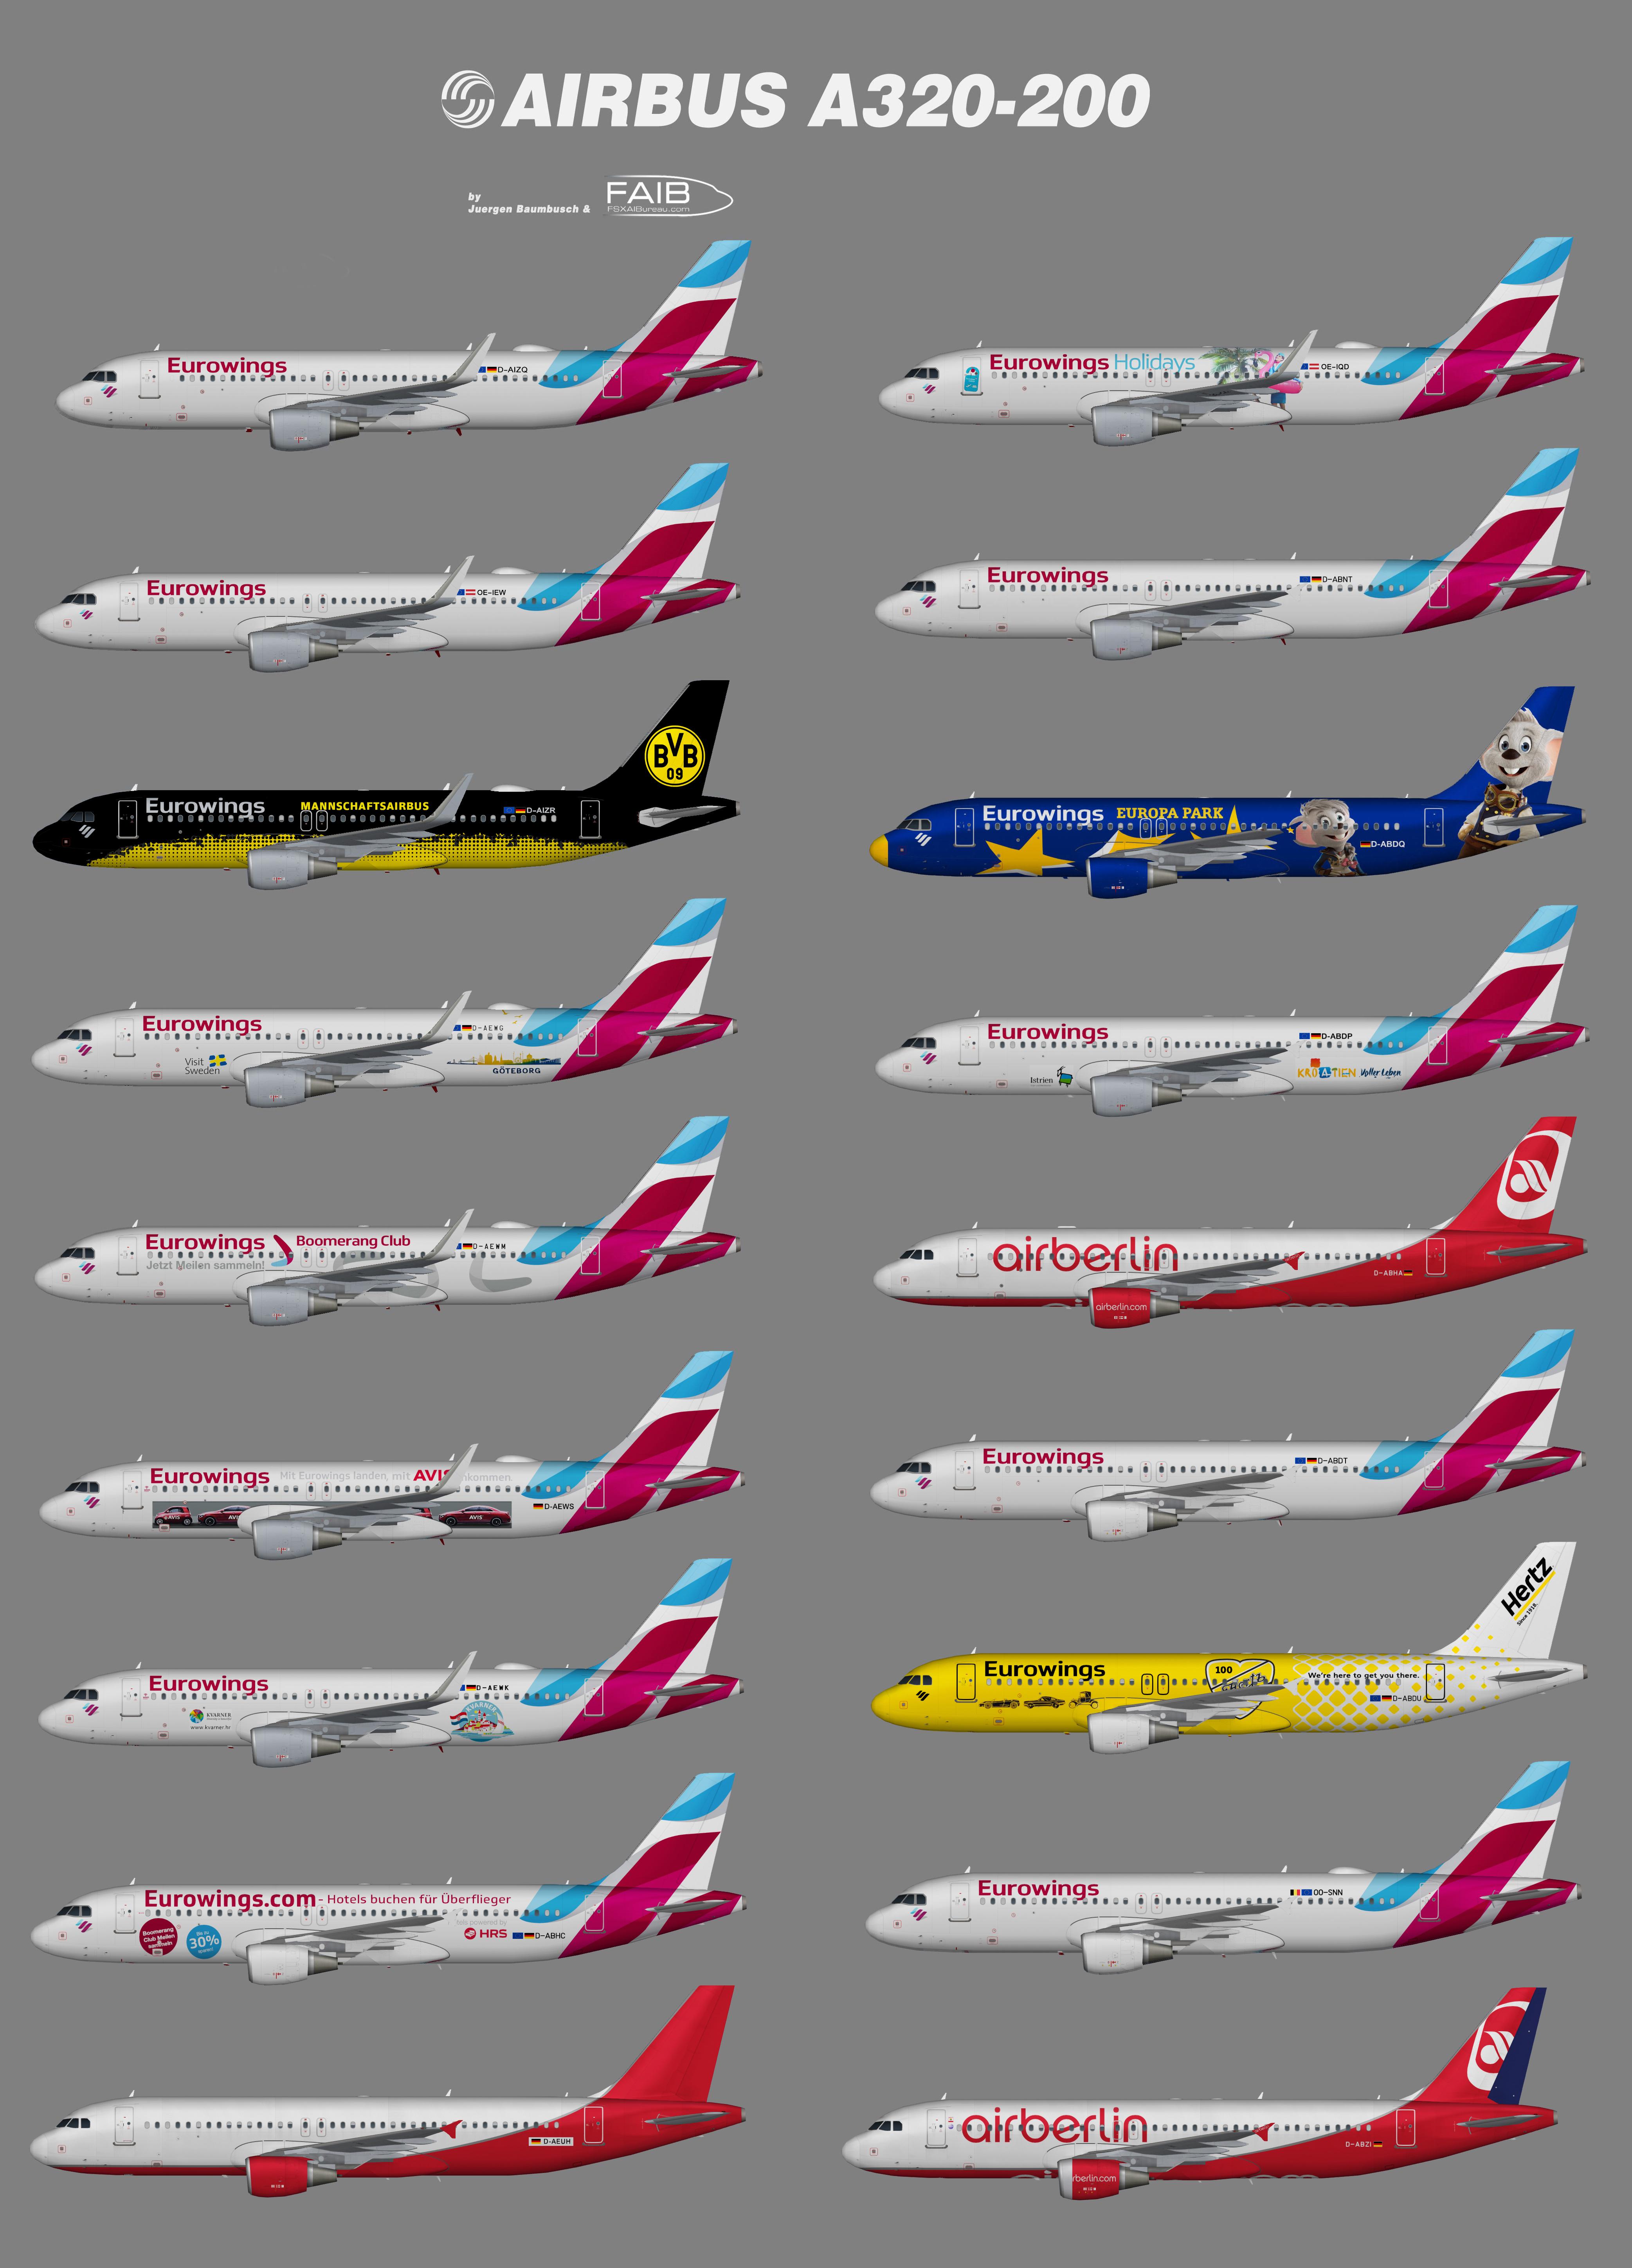 Eurowings A320-200